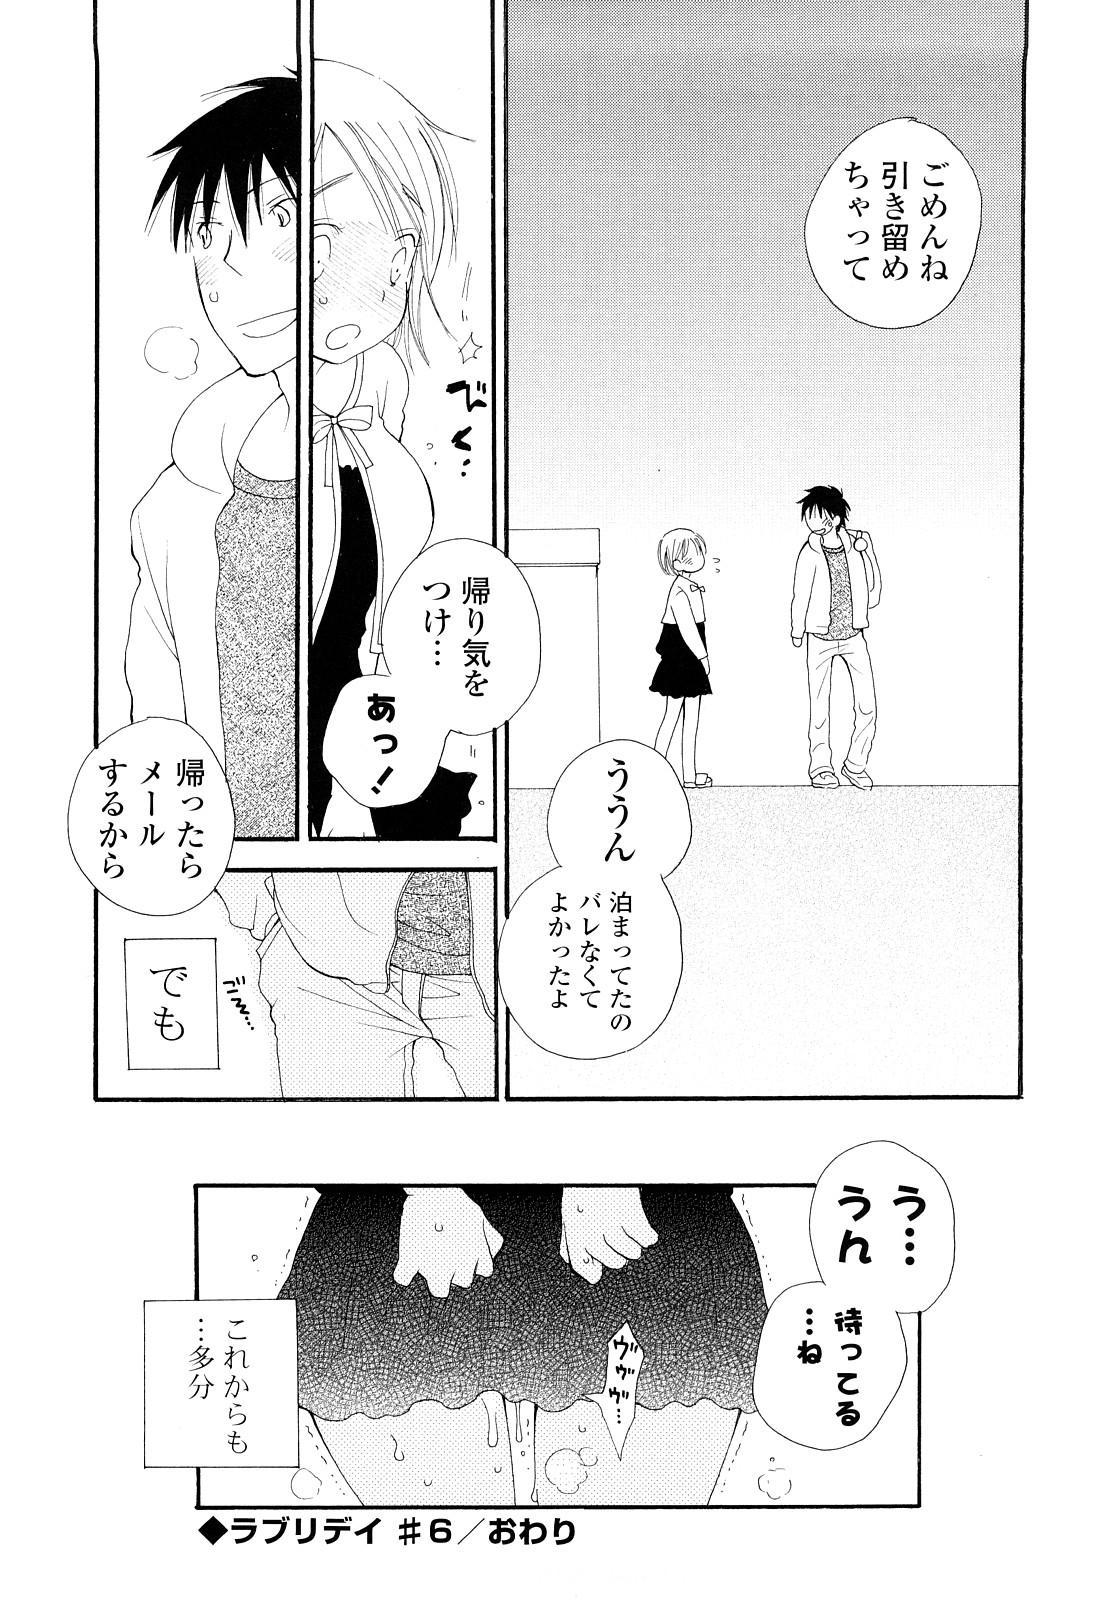 Houkago Nyan Nyan 118